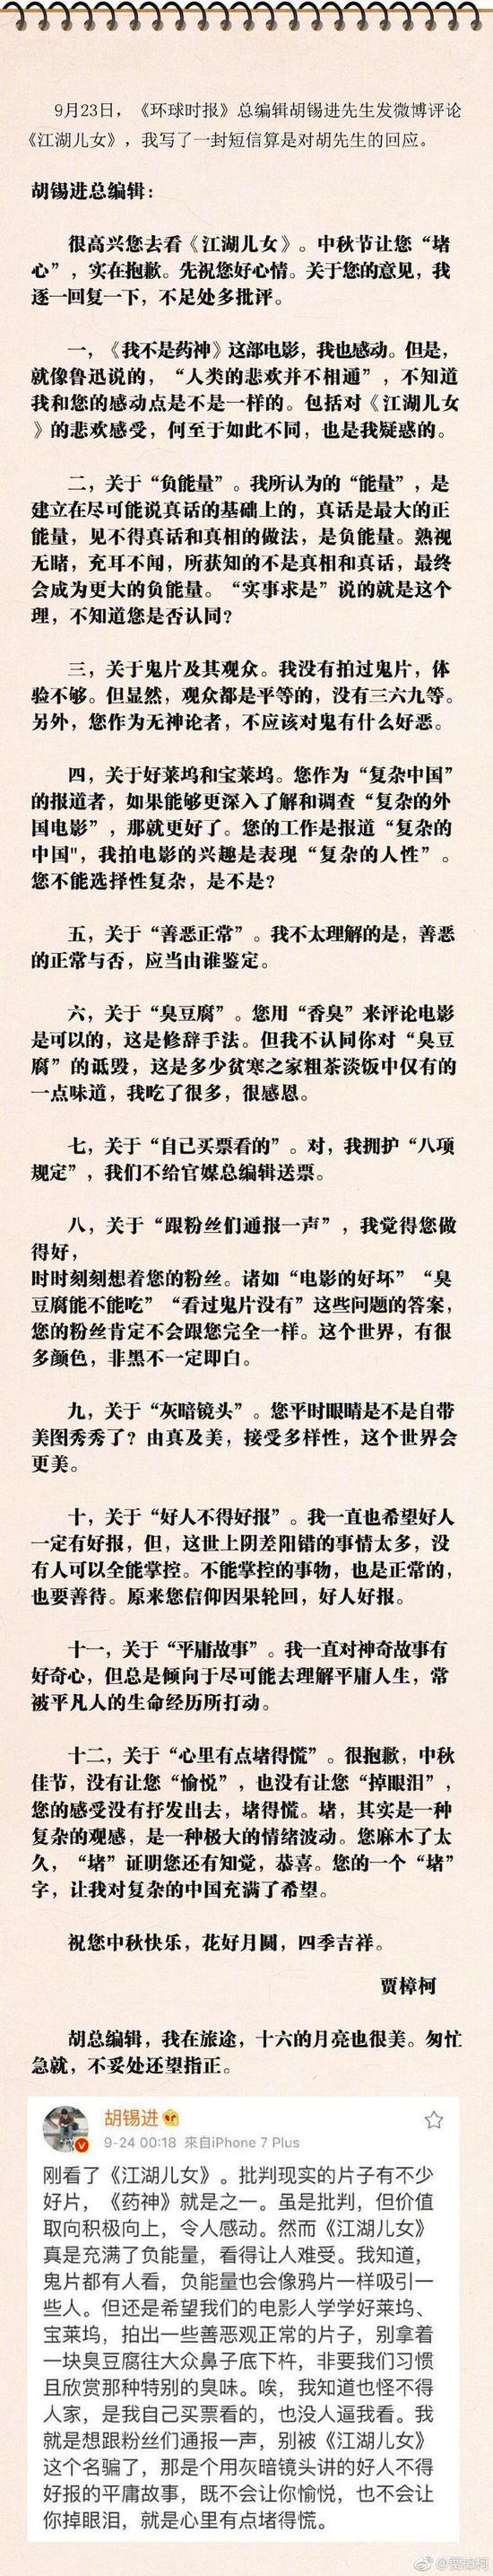 贾樟柯回应胡锡进点评《江湖儿女》:人类的悲欢并不相通